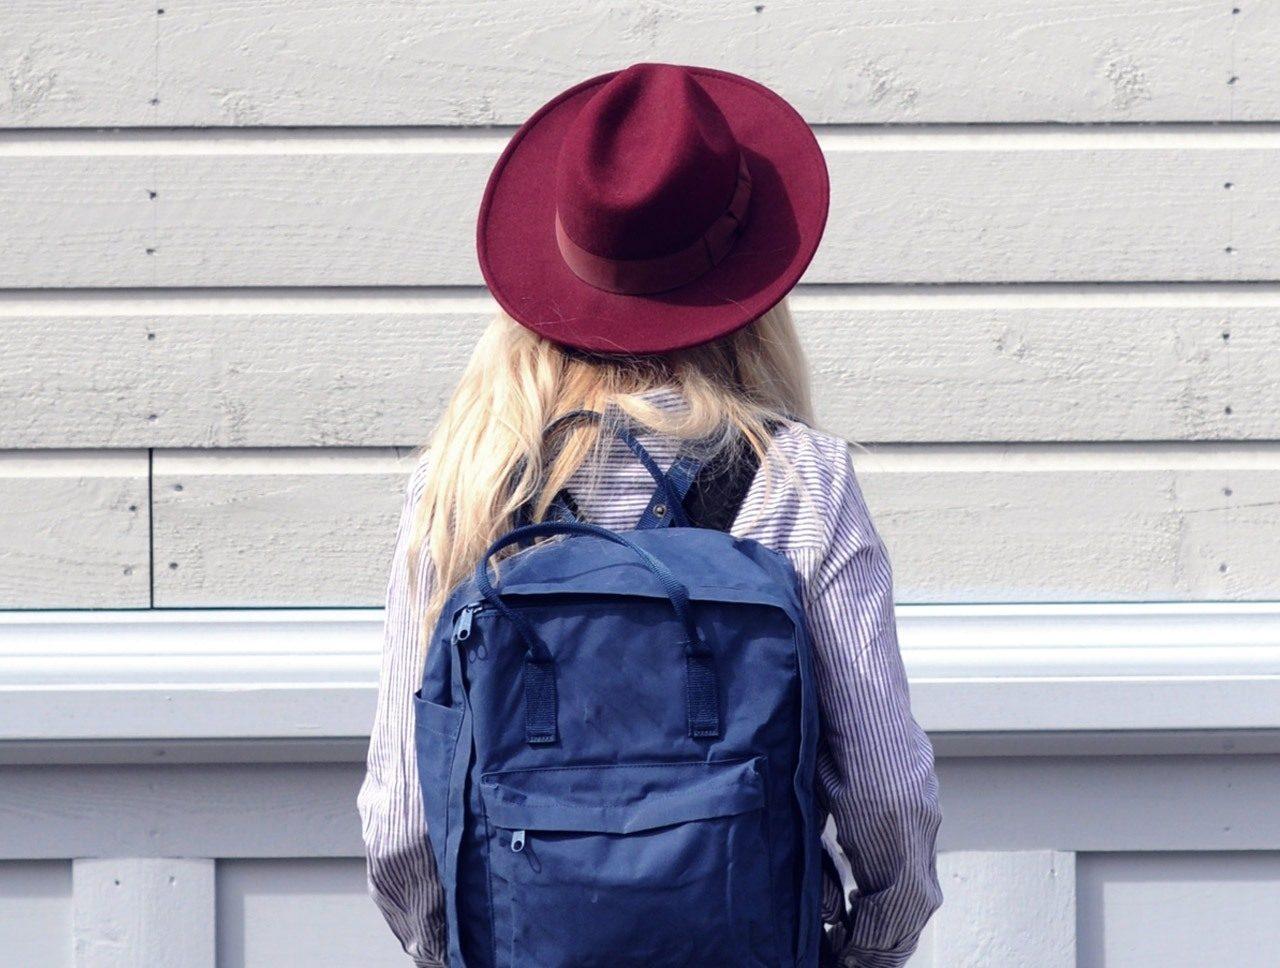 Image for Skolstart - Träna upp ditt barns självständighet genom uppgifter och sysslor